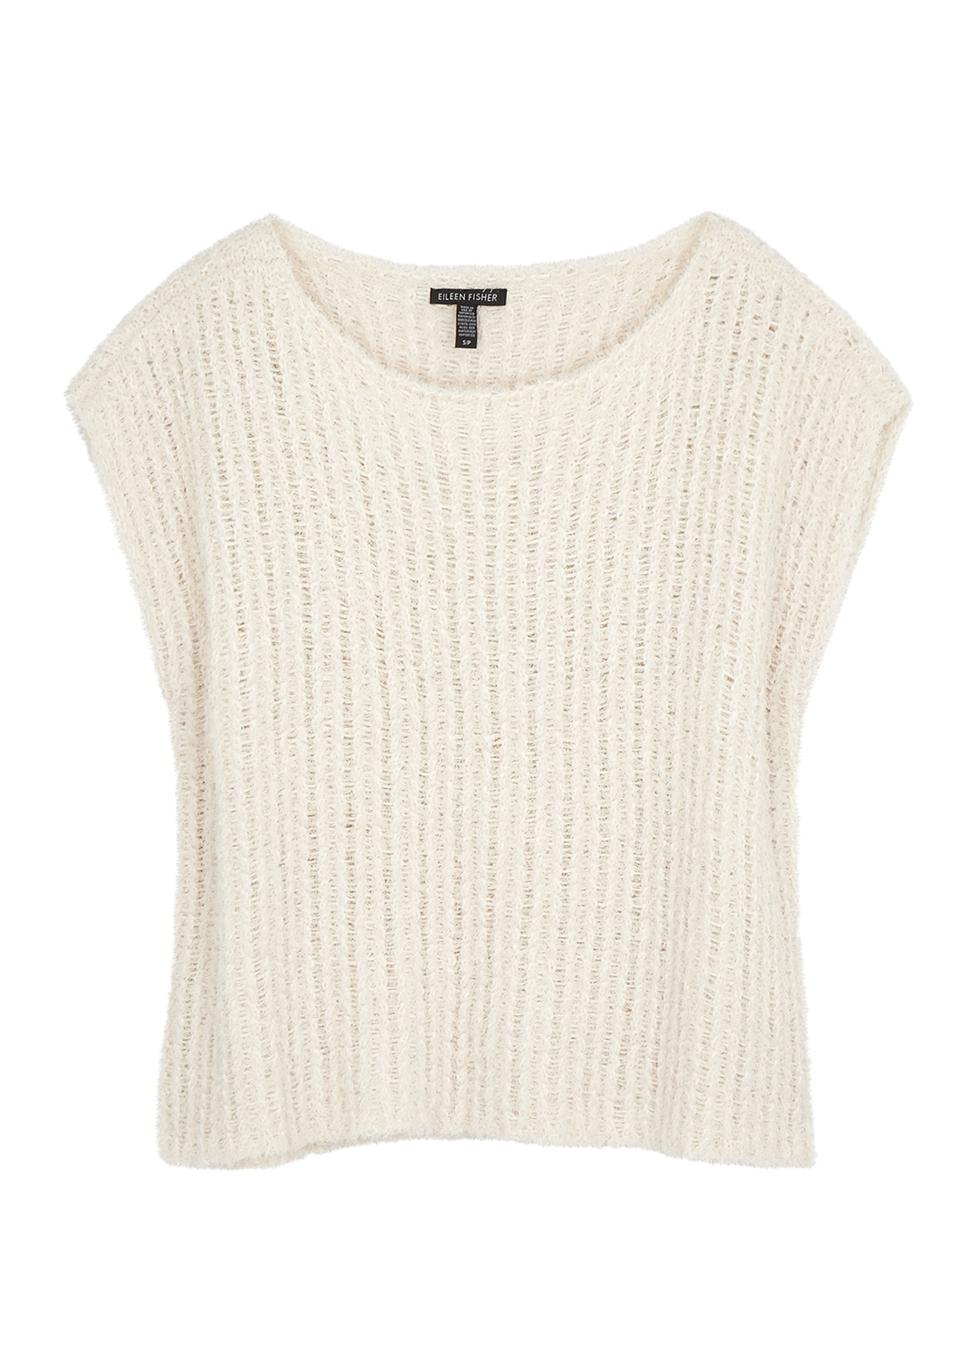 Cream open-knit cotton-blend jumper - EILEEN FISHER